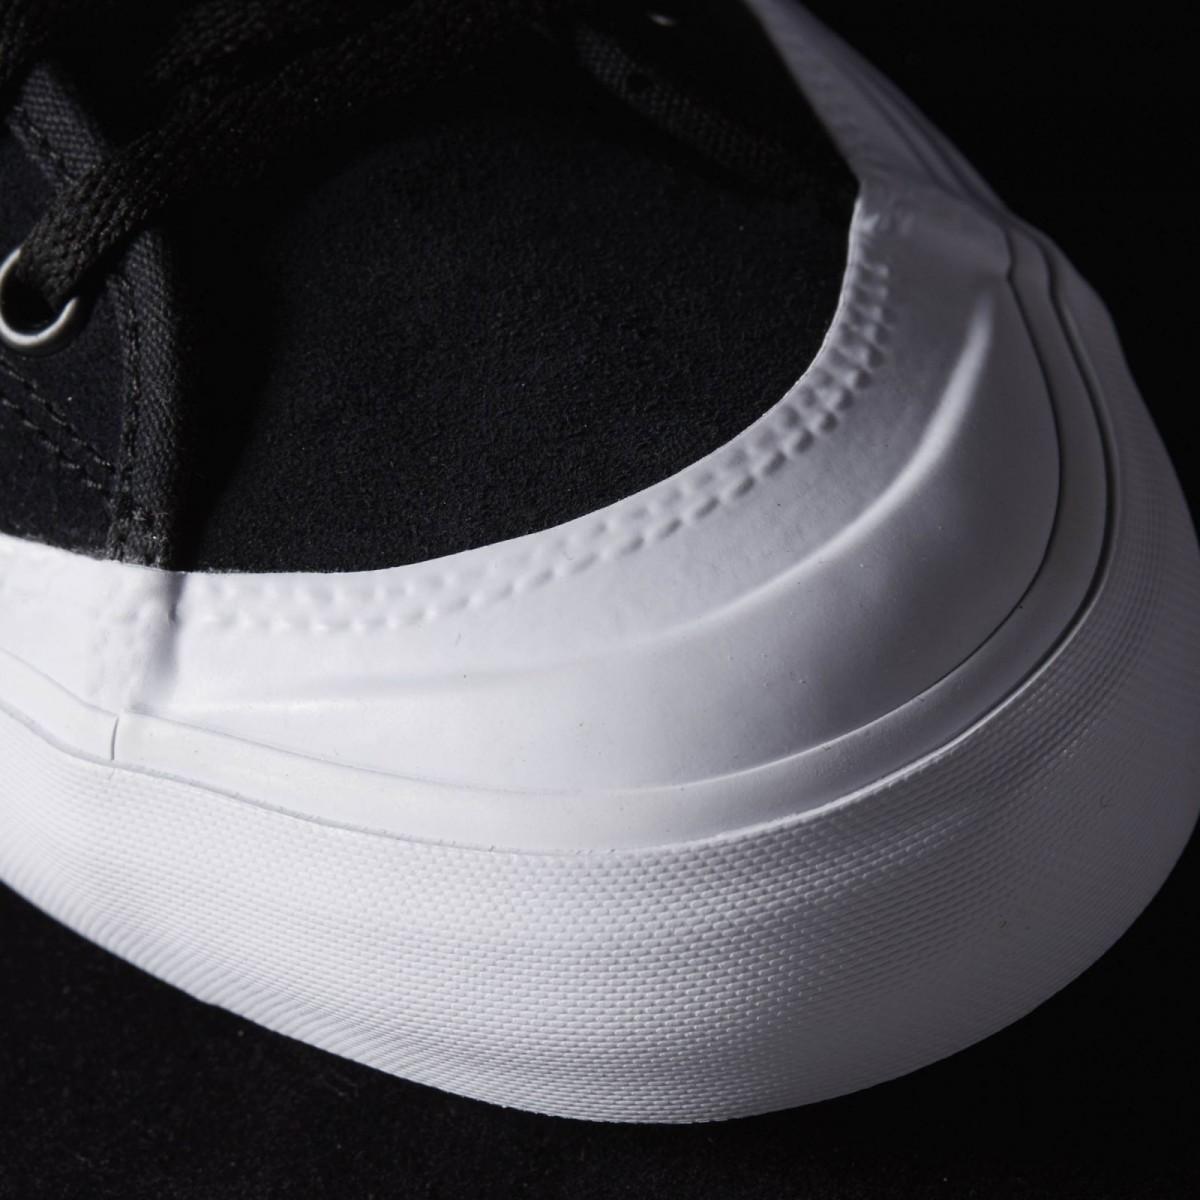 Adidas Chaussure Skate Skate Skate Adidas Expressionlibre Chaussure  Expressionlibre Chaussure qSTZtA 8617a9fb0a6